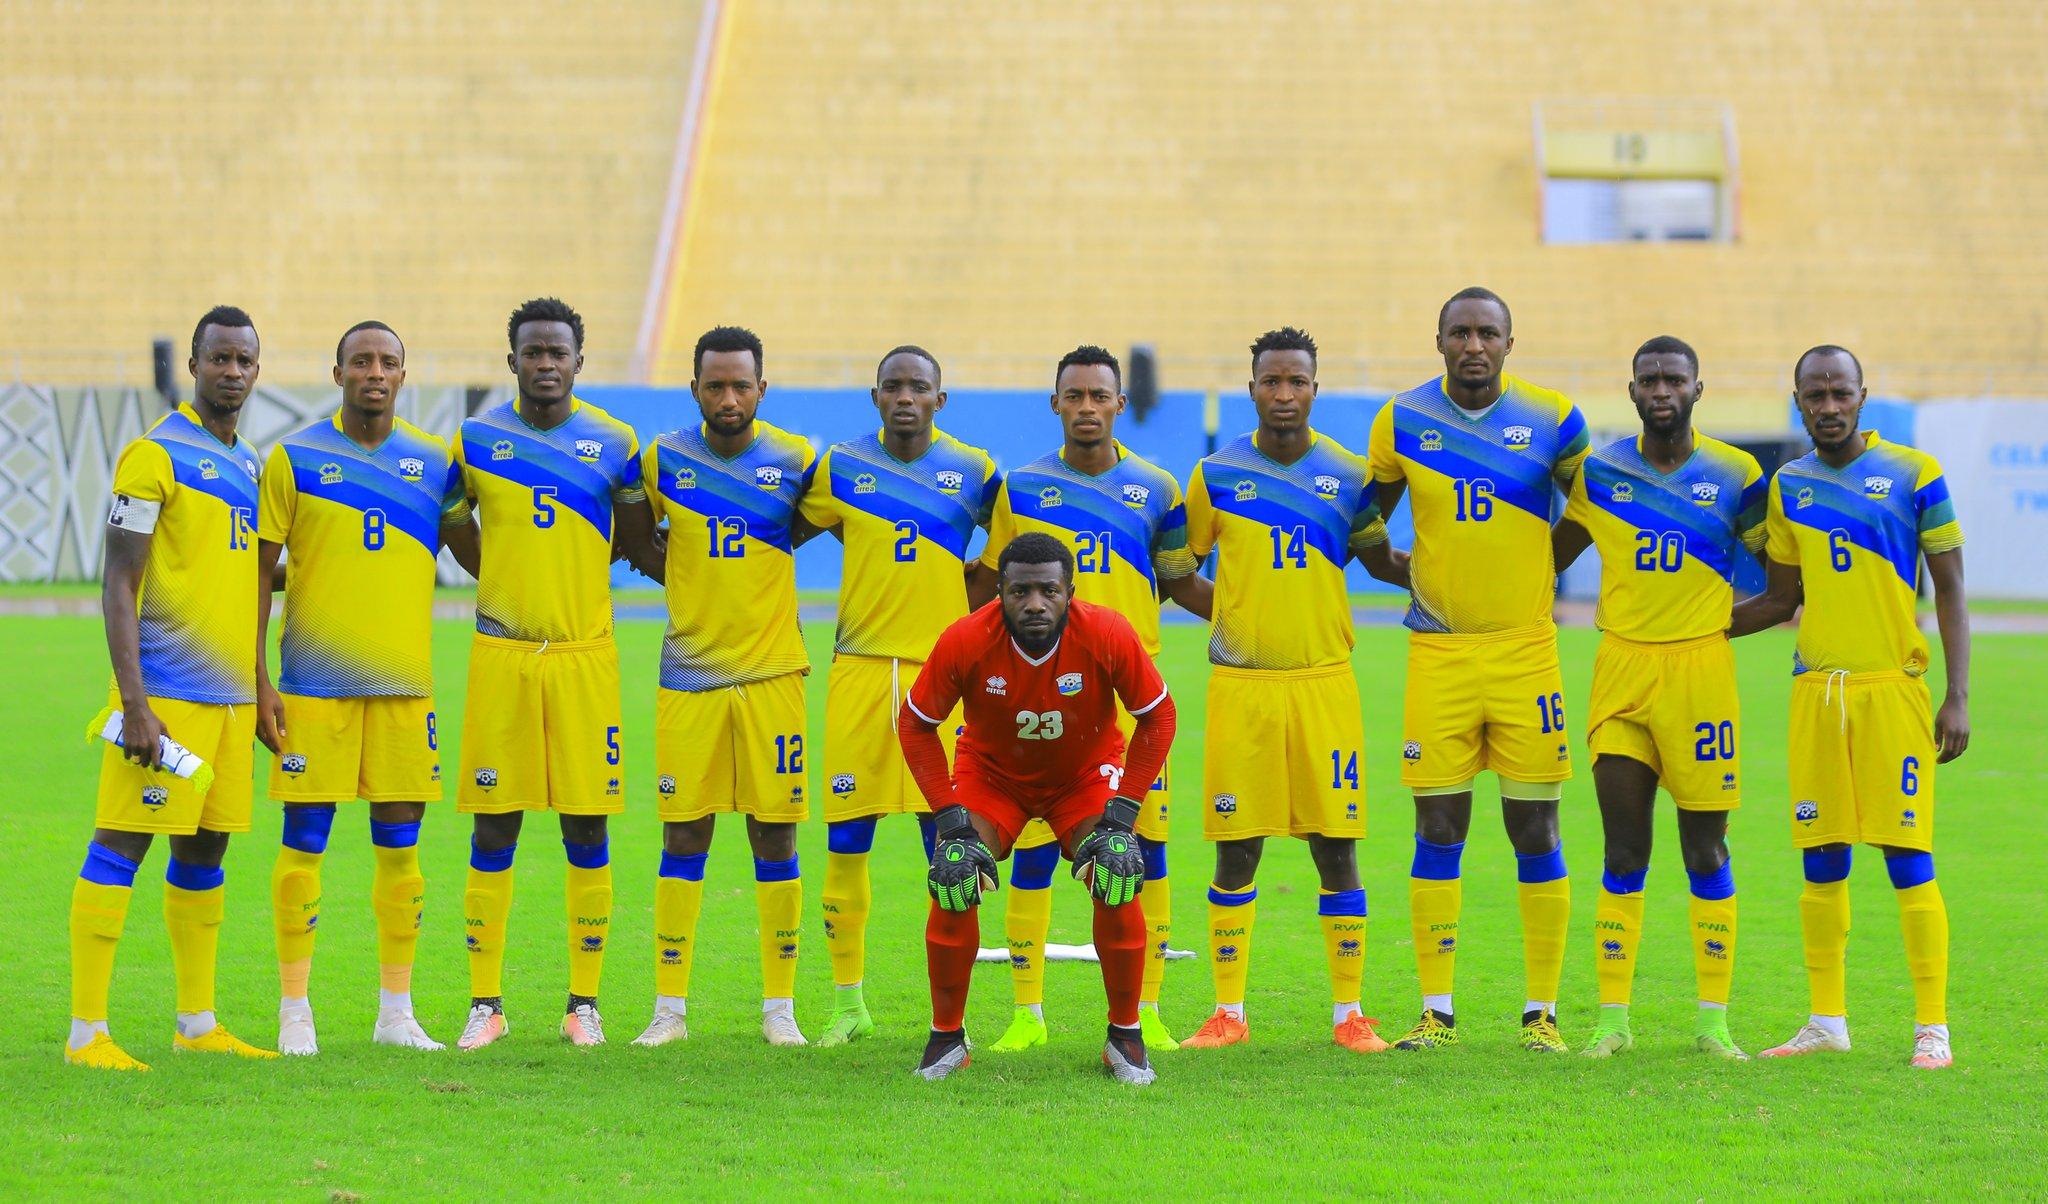 Les Amavubi du Rwanda se préparent pour les éliminatoires de la CAN 2021